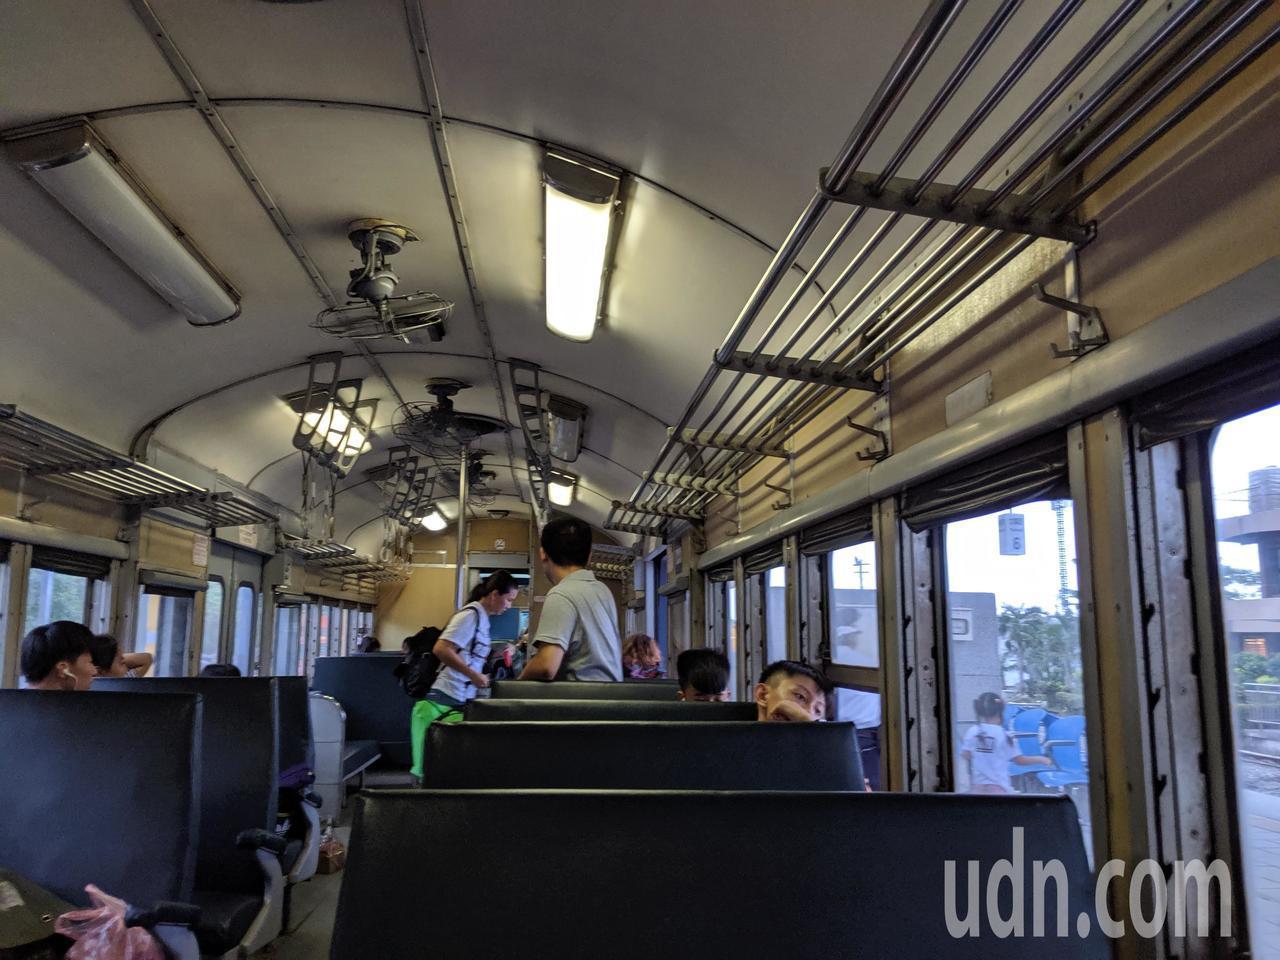 台鐵的普快列車,平日多為當地人和學生搭乘。記者楊德宜/攝影